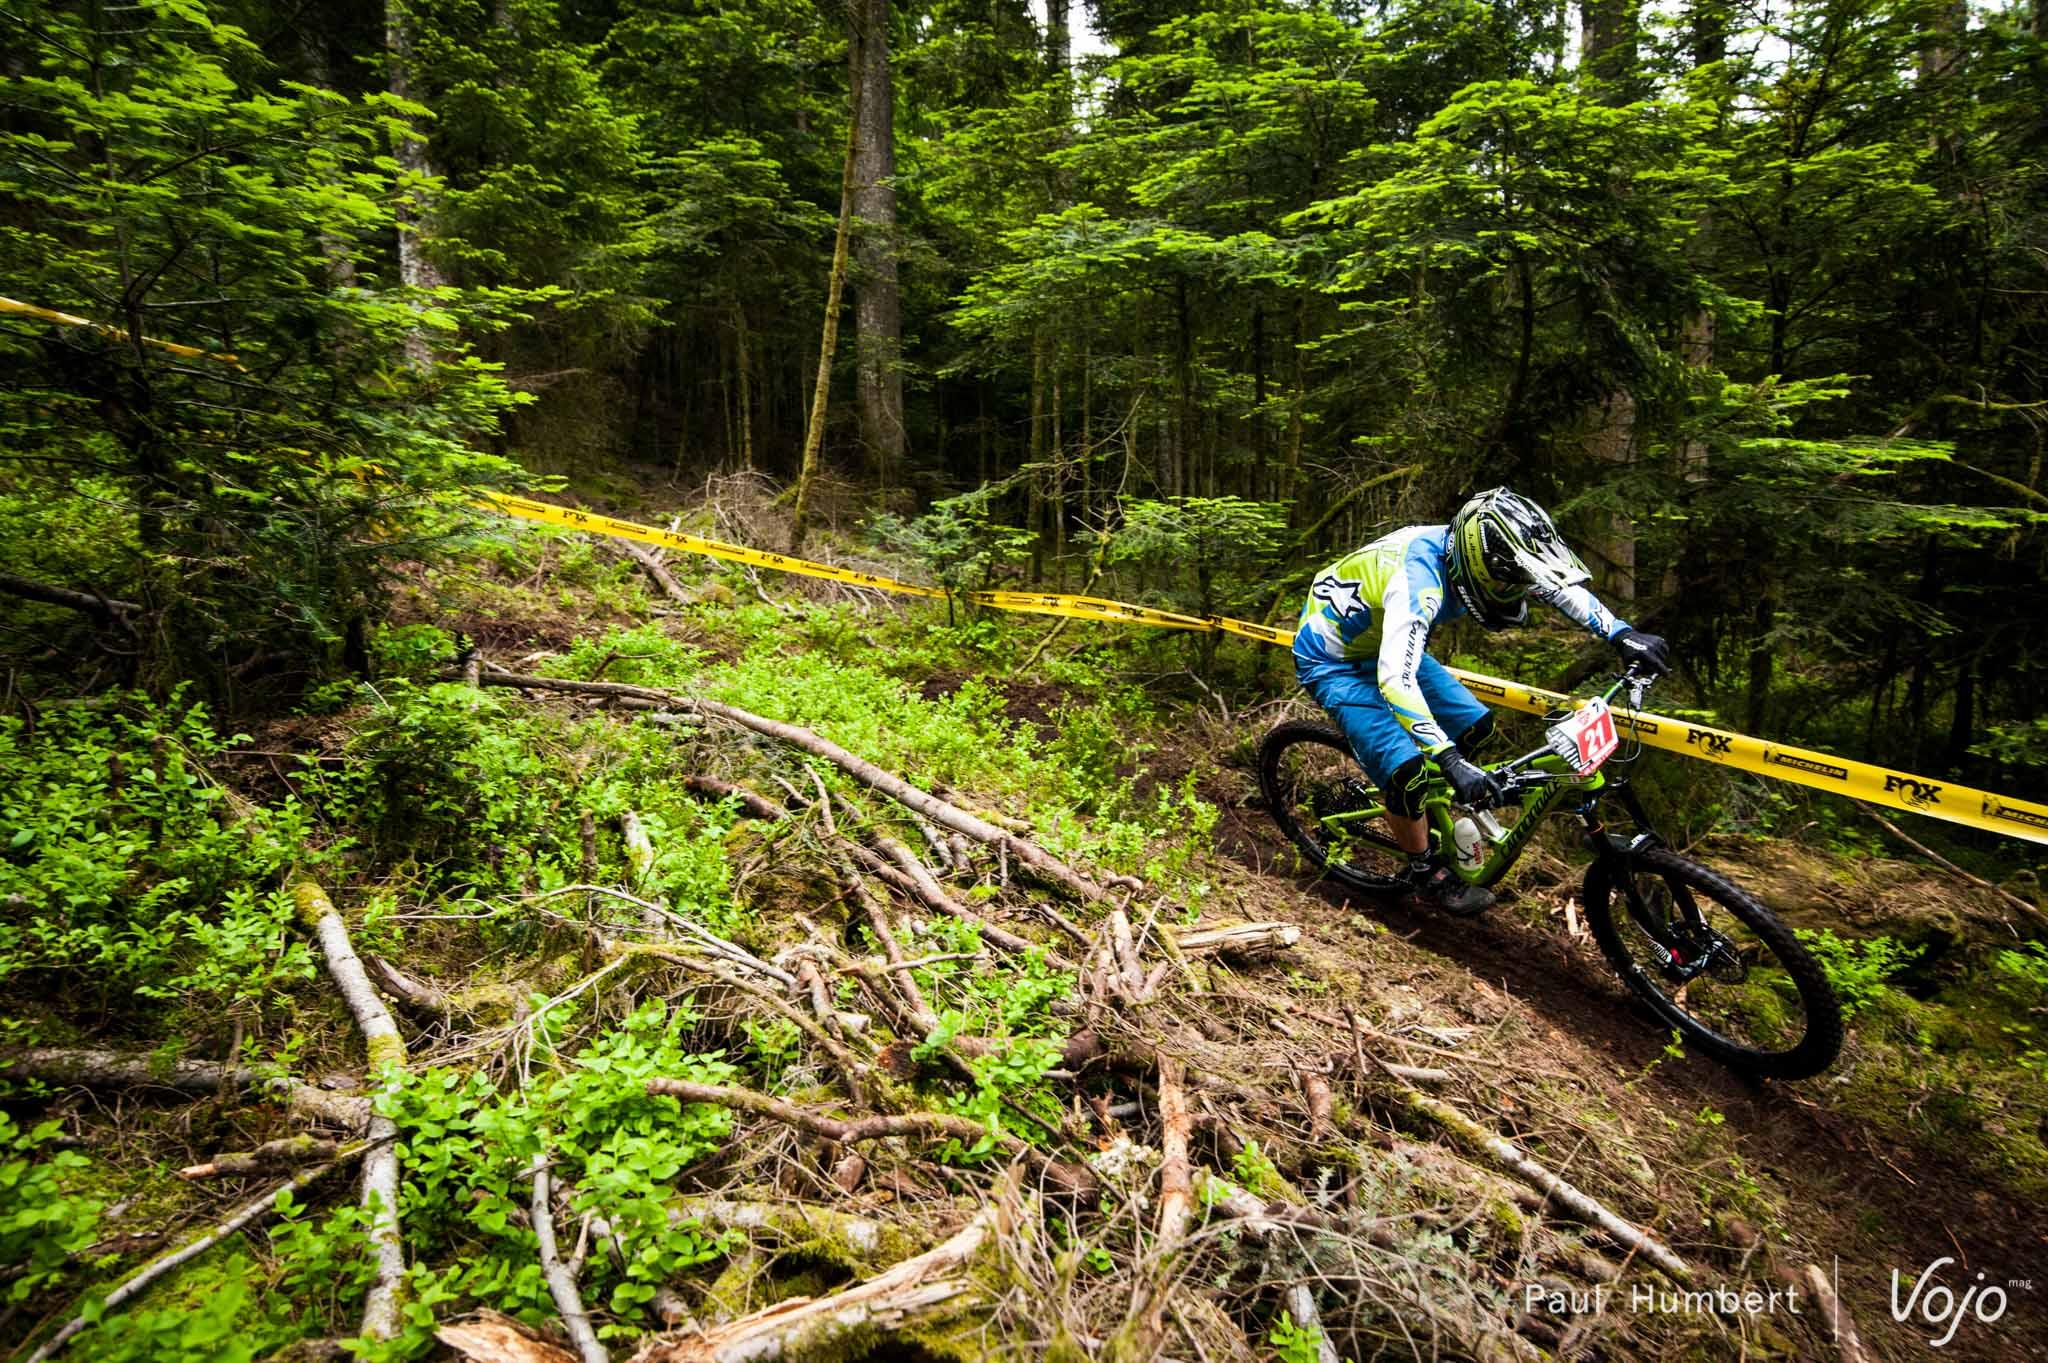 Raon-l-etape-vojo-2016-paul-humbert-29